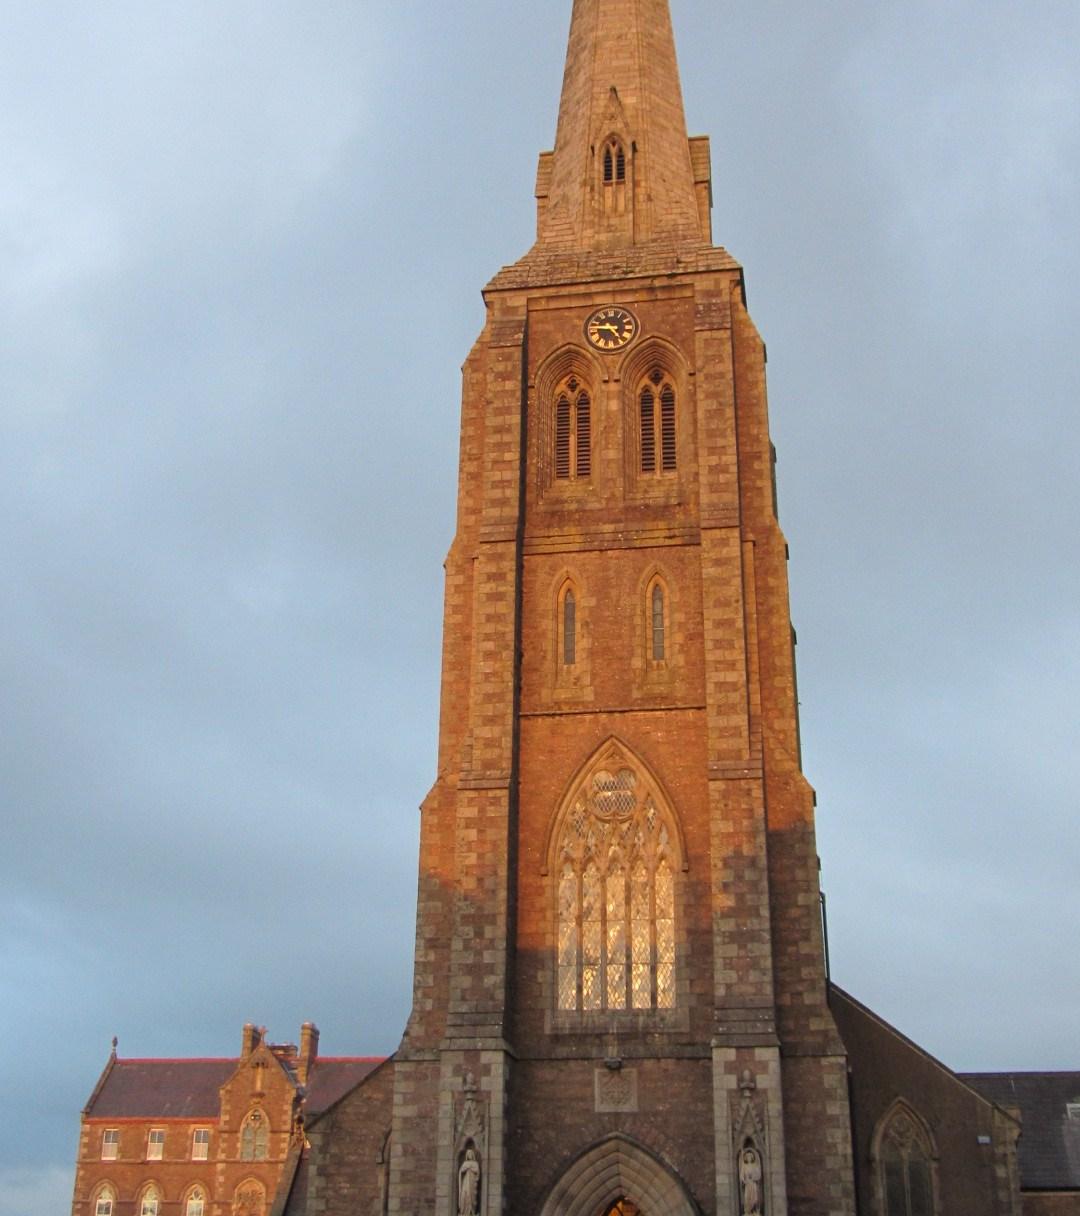 St. Brides Church Wexford Town 2014-01-29 17.47.08 (1)